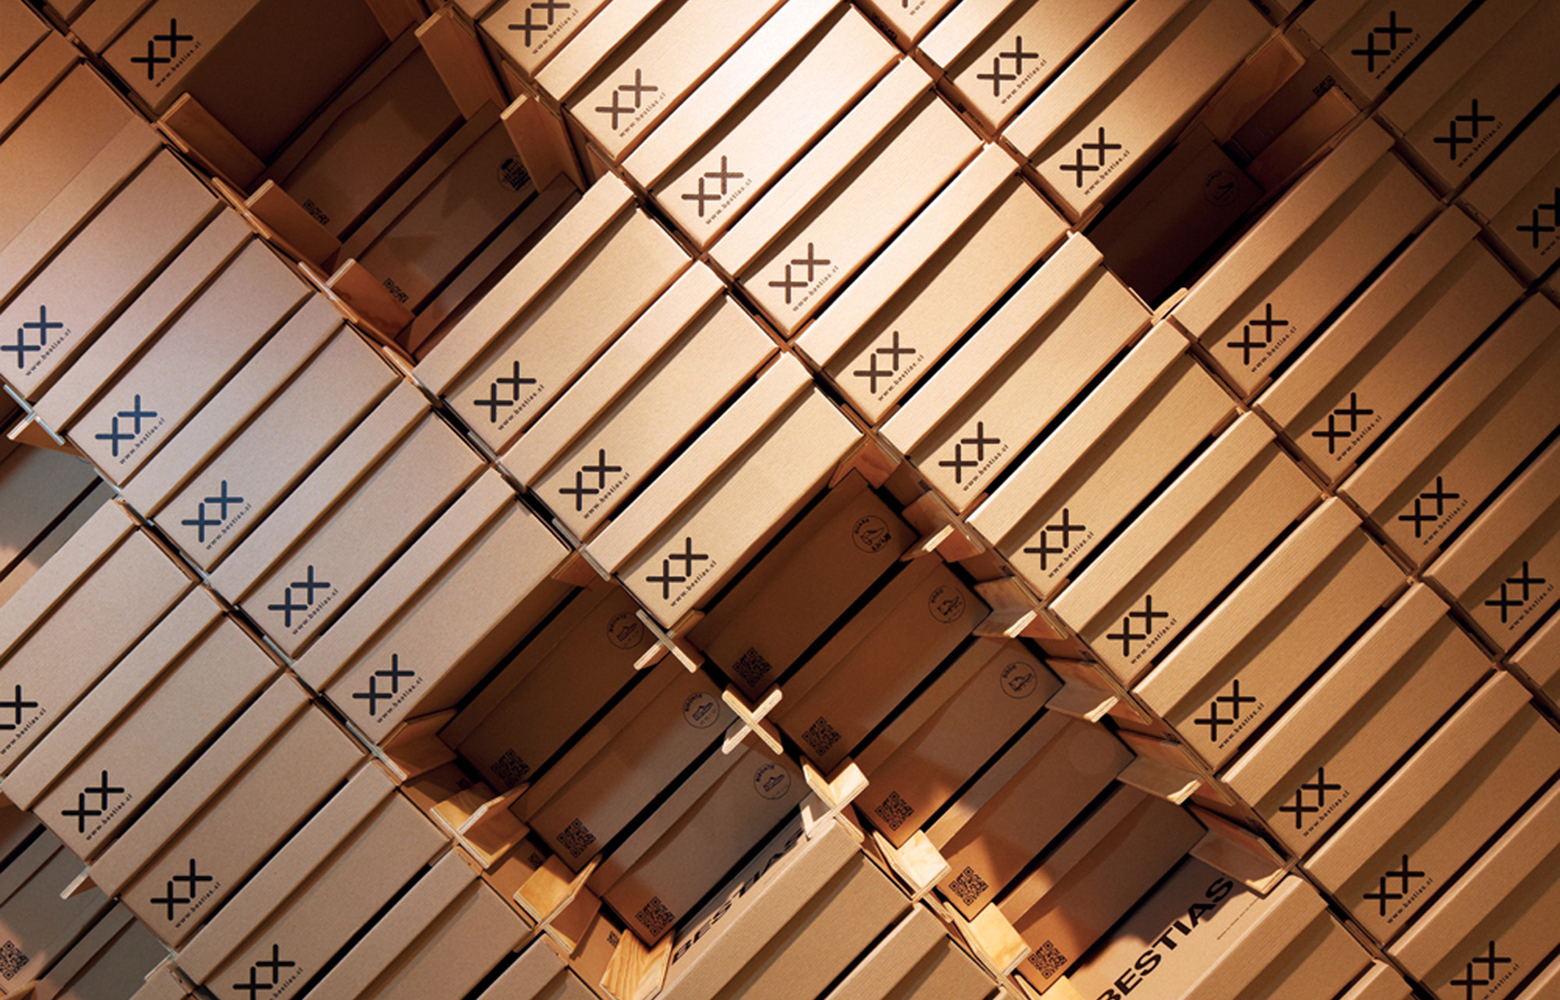 靴箱で店名が表現できる靴屋の店舗設計は、フレキシブルな専用 X シェルフ